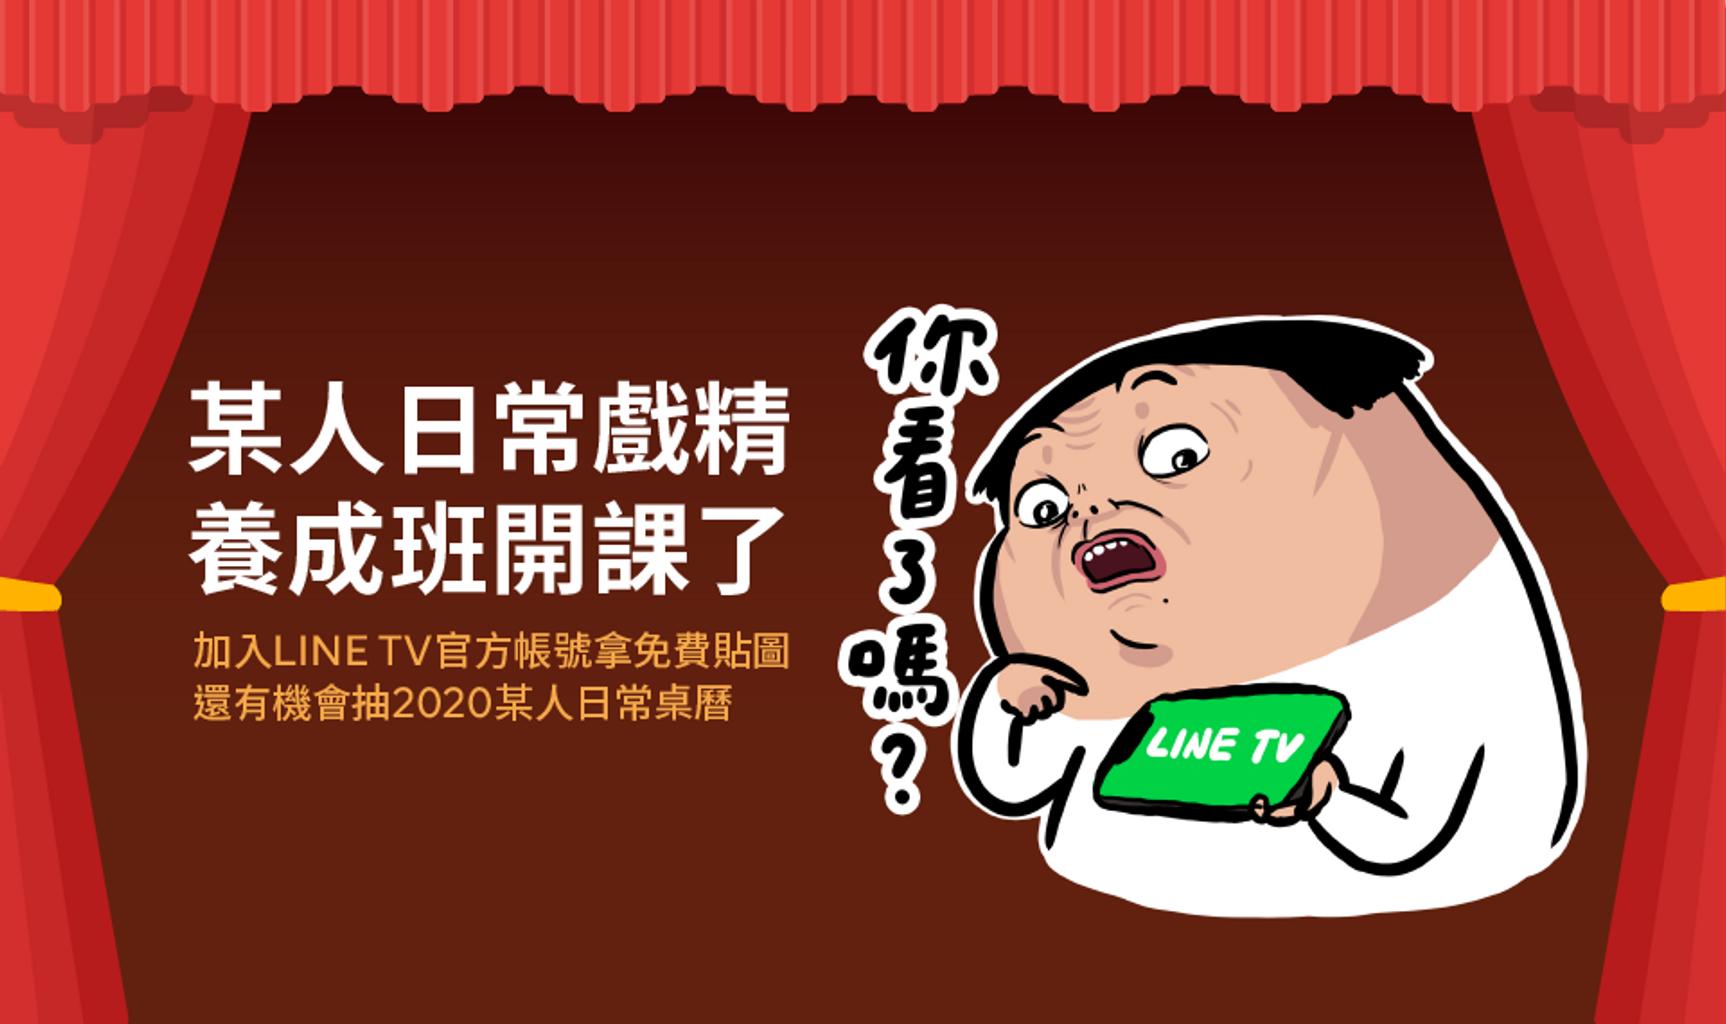 【好康抽獎】免費下載【LINE TV x 某人日常-老娘是戲精】貼圖 就有機會得到「某人日常- 2020年桌曆」